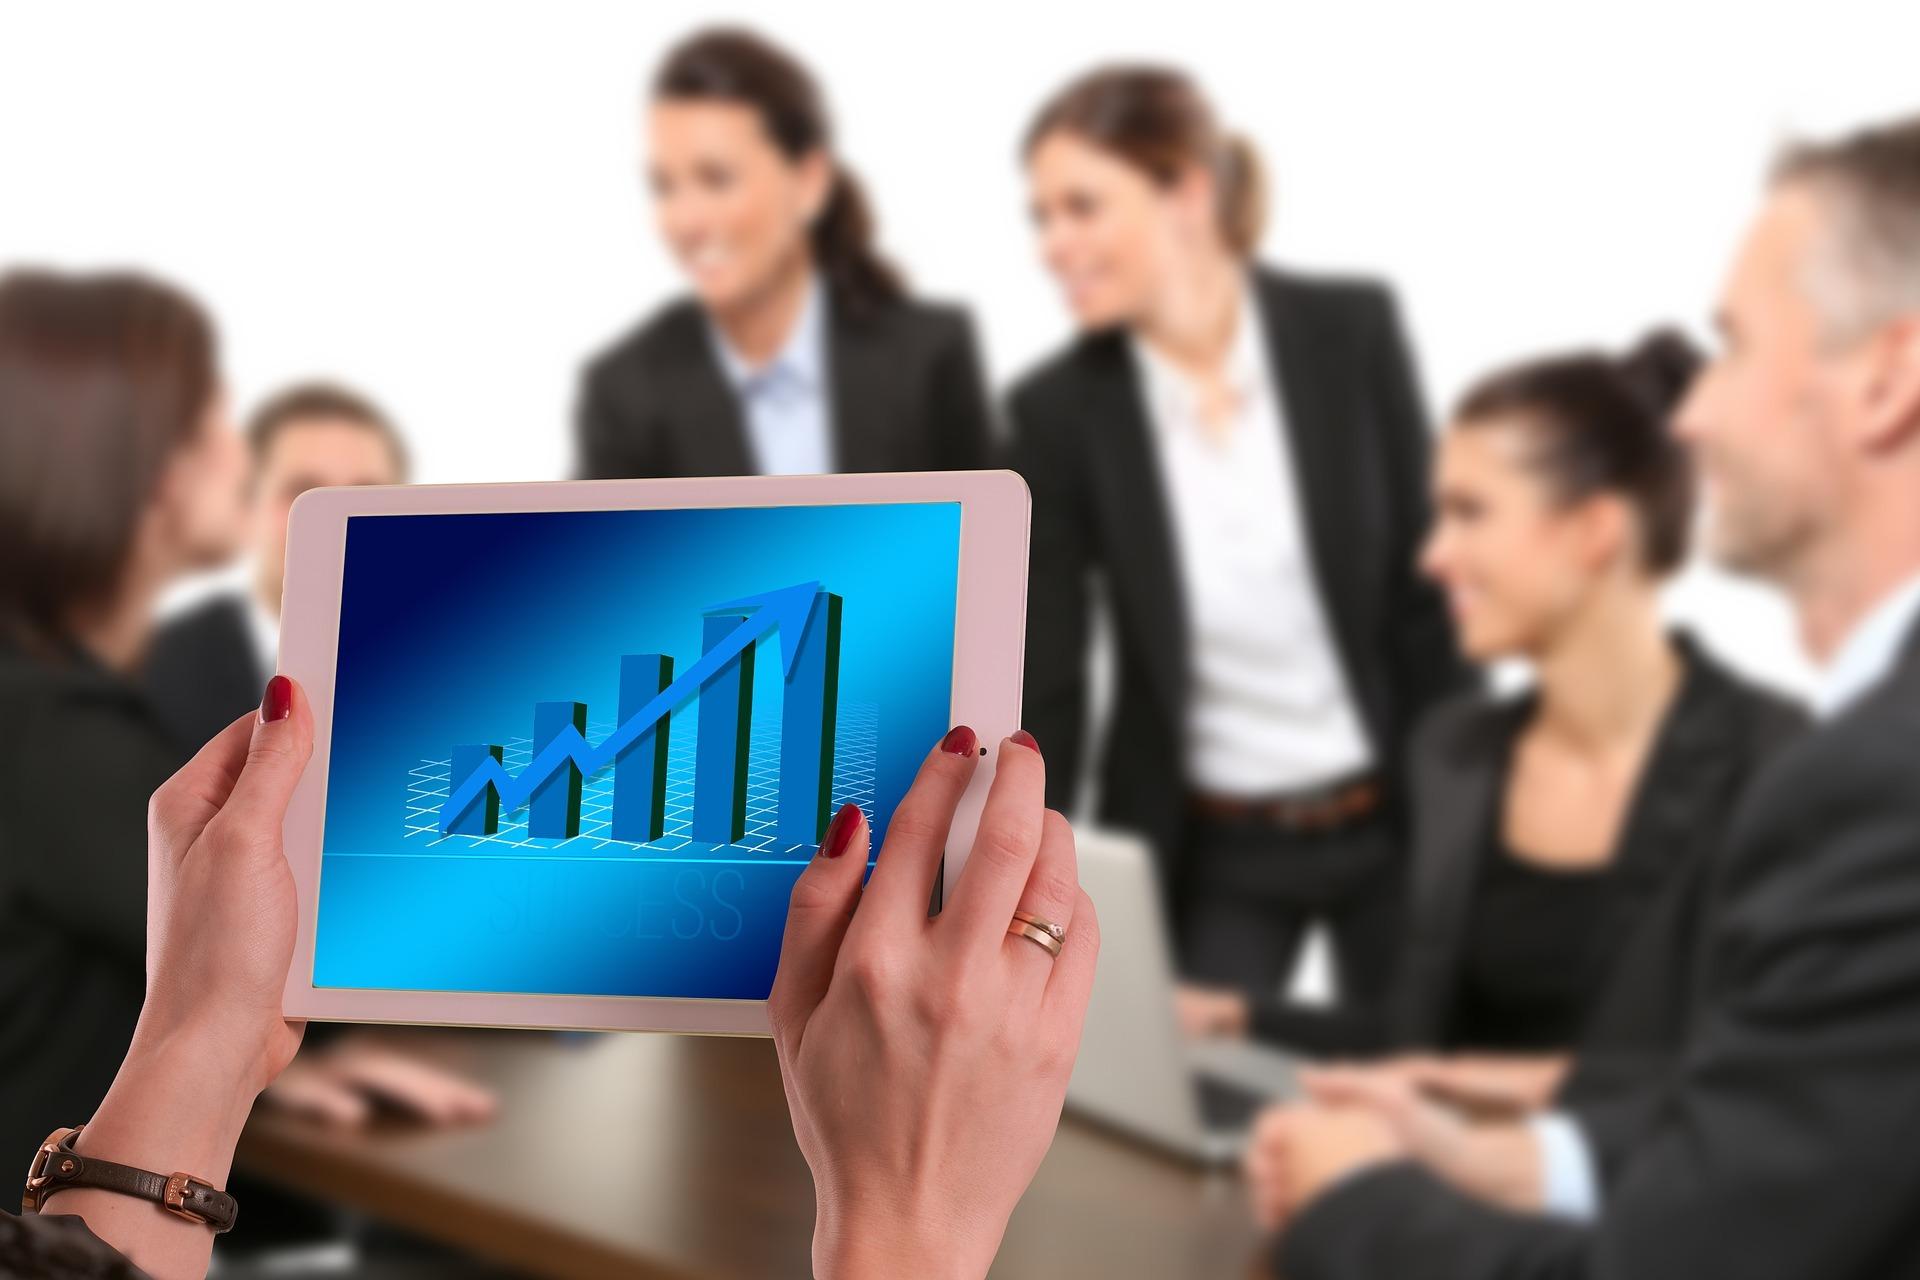 Atrae clientes a tu negocio, pero recuerda que esto representa más retos para ti.